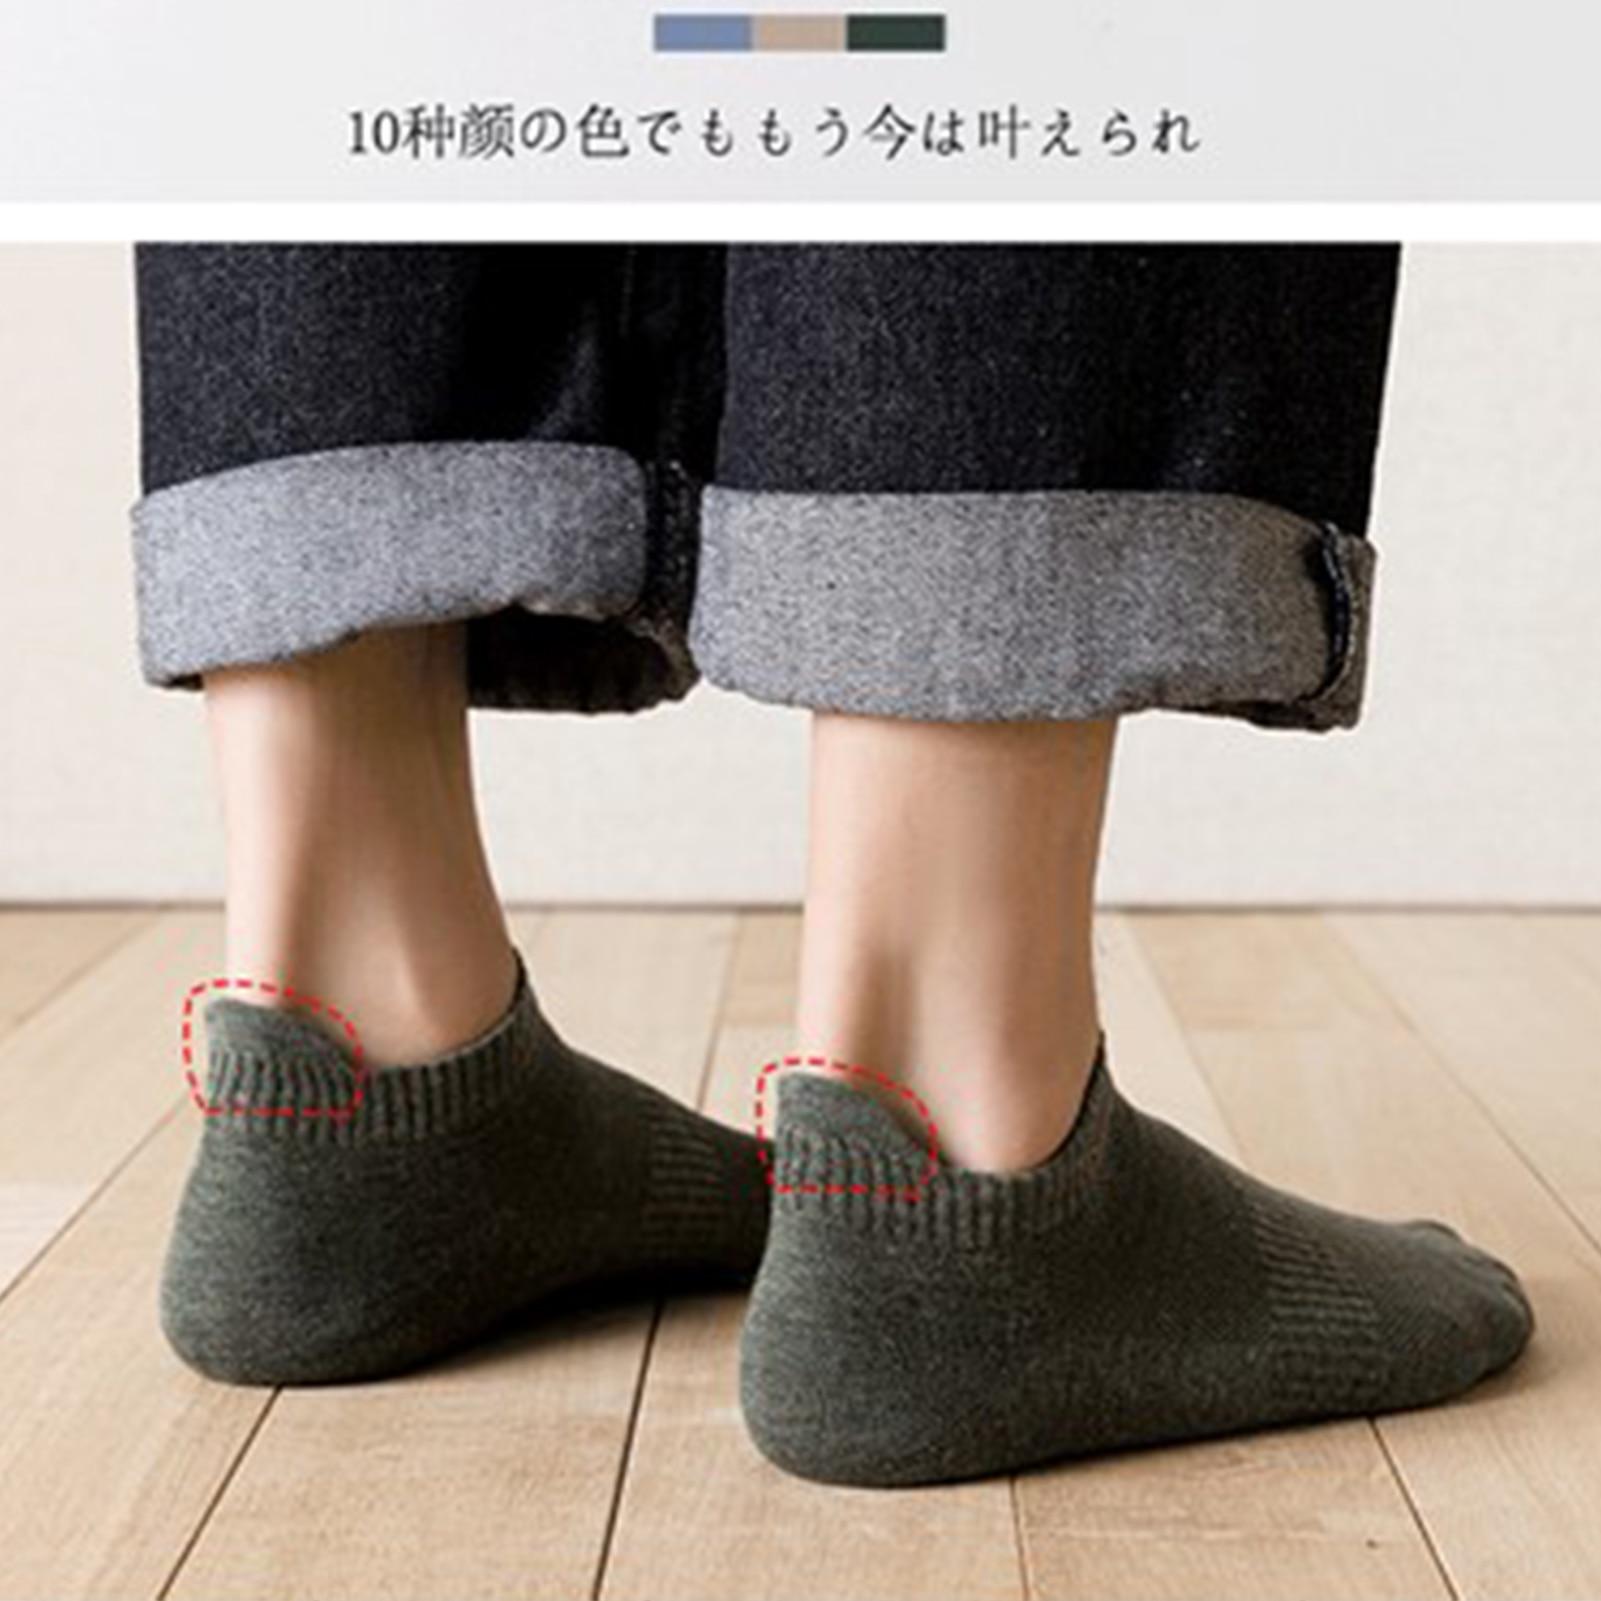 Summer Short Socks Men's Women's Trainer Socks Breathable Sport Socks Half Socks Comfortable Soft Socking